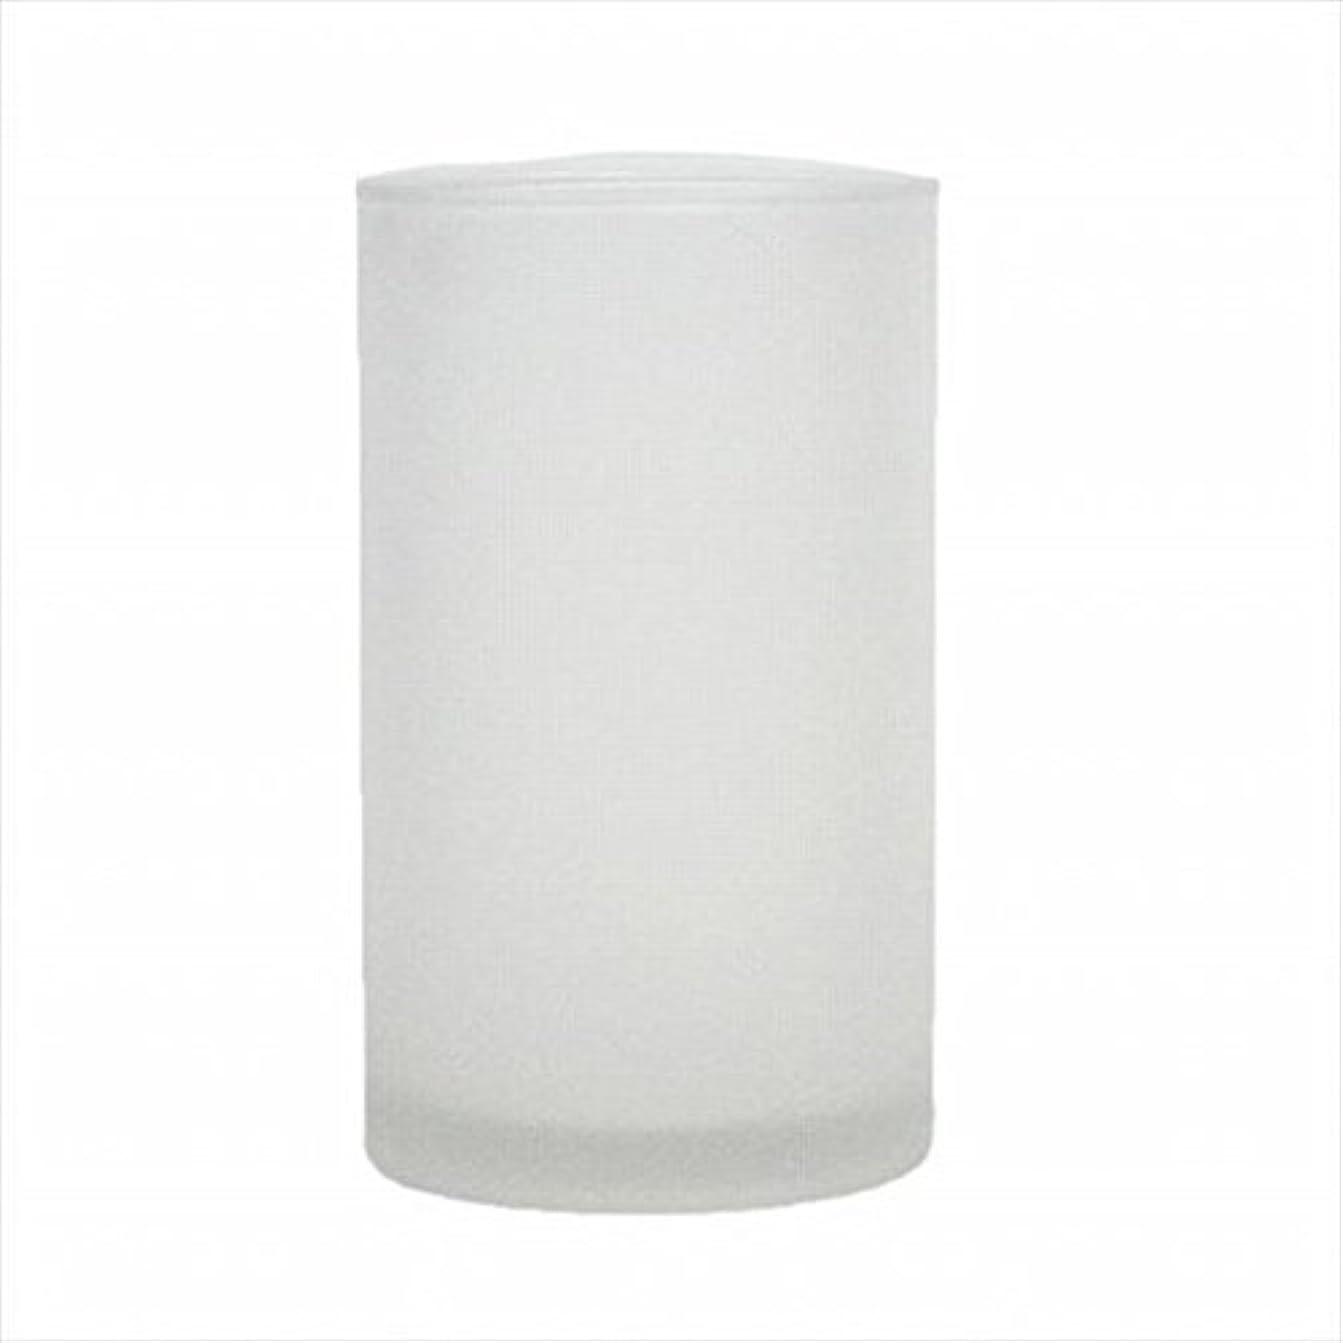 ポンペイ航空便沿ってkameyama candle(カメヤマキャンドル) モルカグラスSフロスト キャンドル 90x90x155mm (65980000)